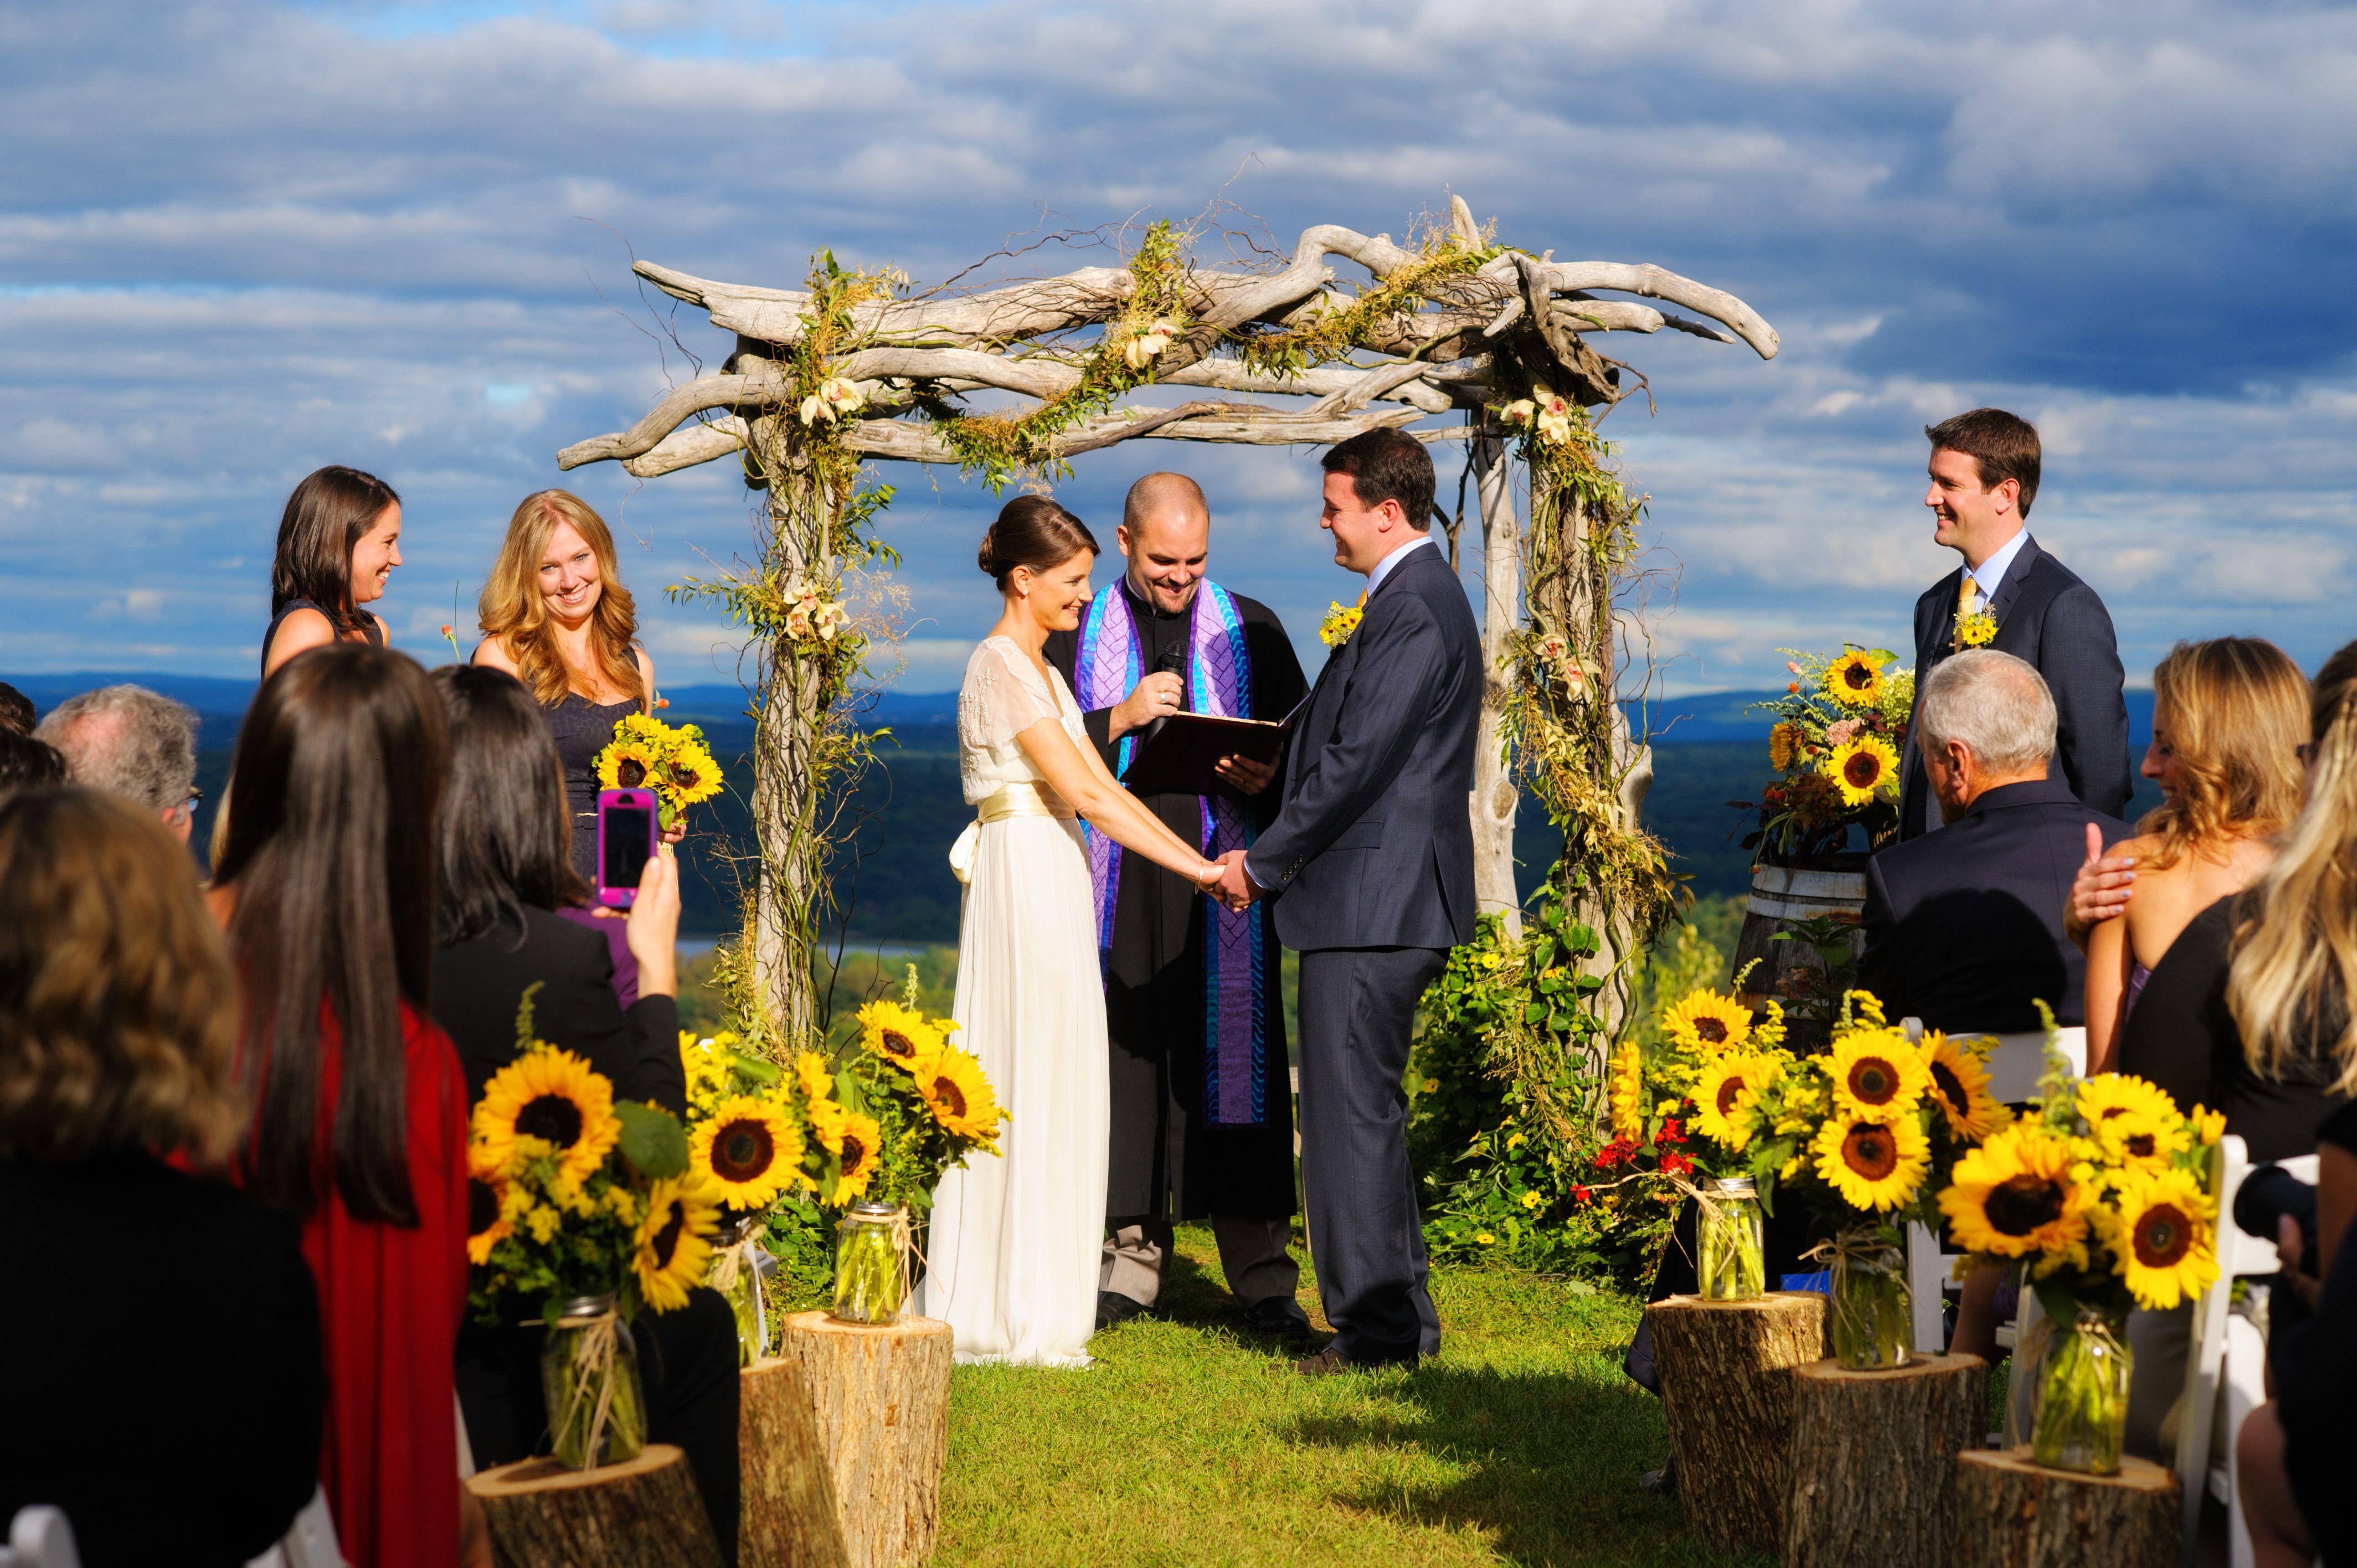 Wedding decorations natural  Natural Vineyard Wedding With Sunflowers  Sunflowers Wedding and